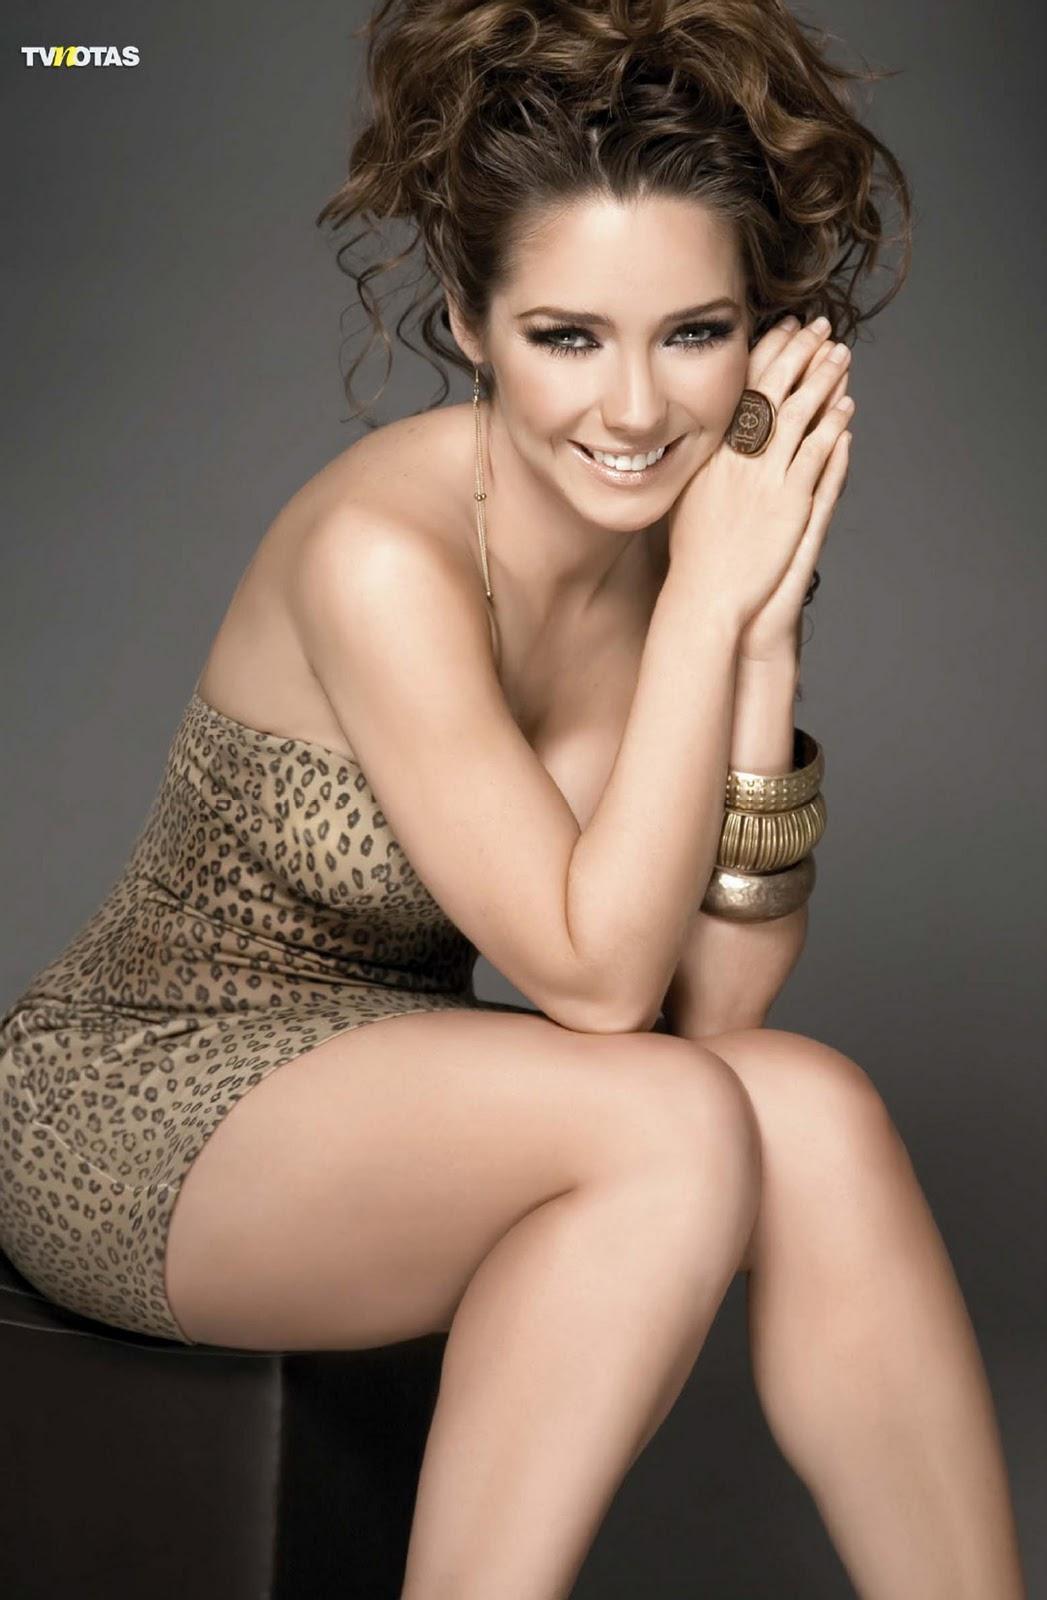 Ariadne Diaz